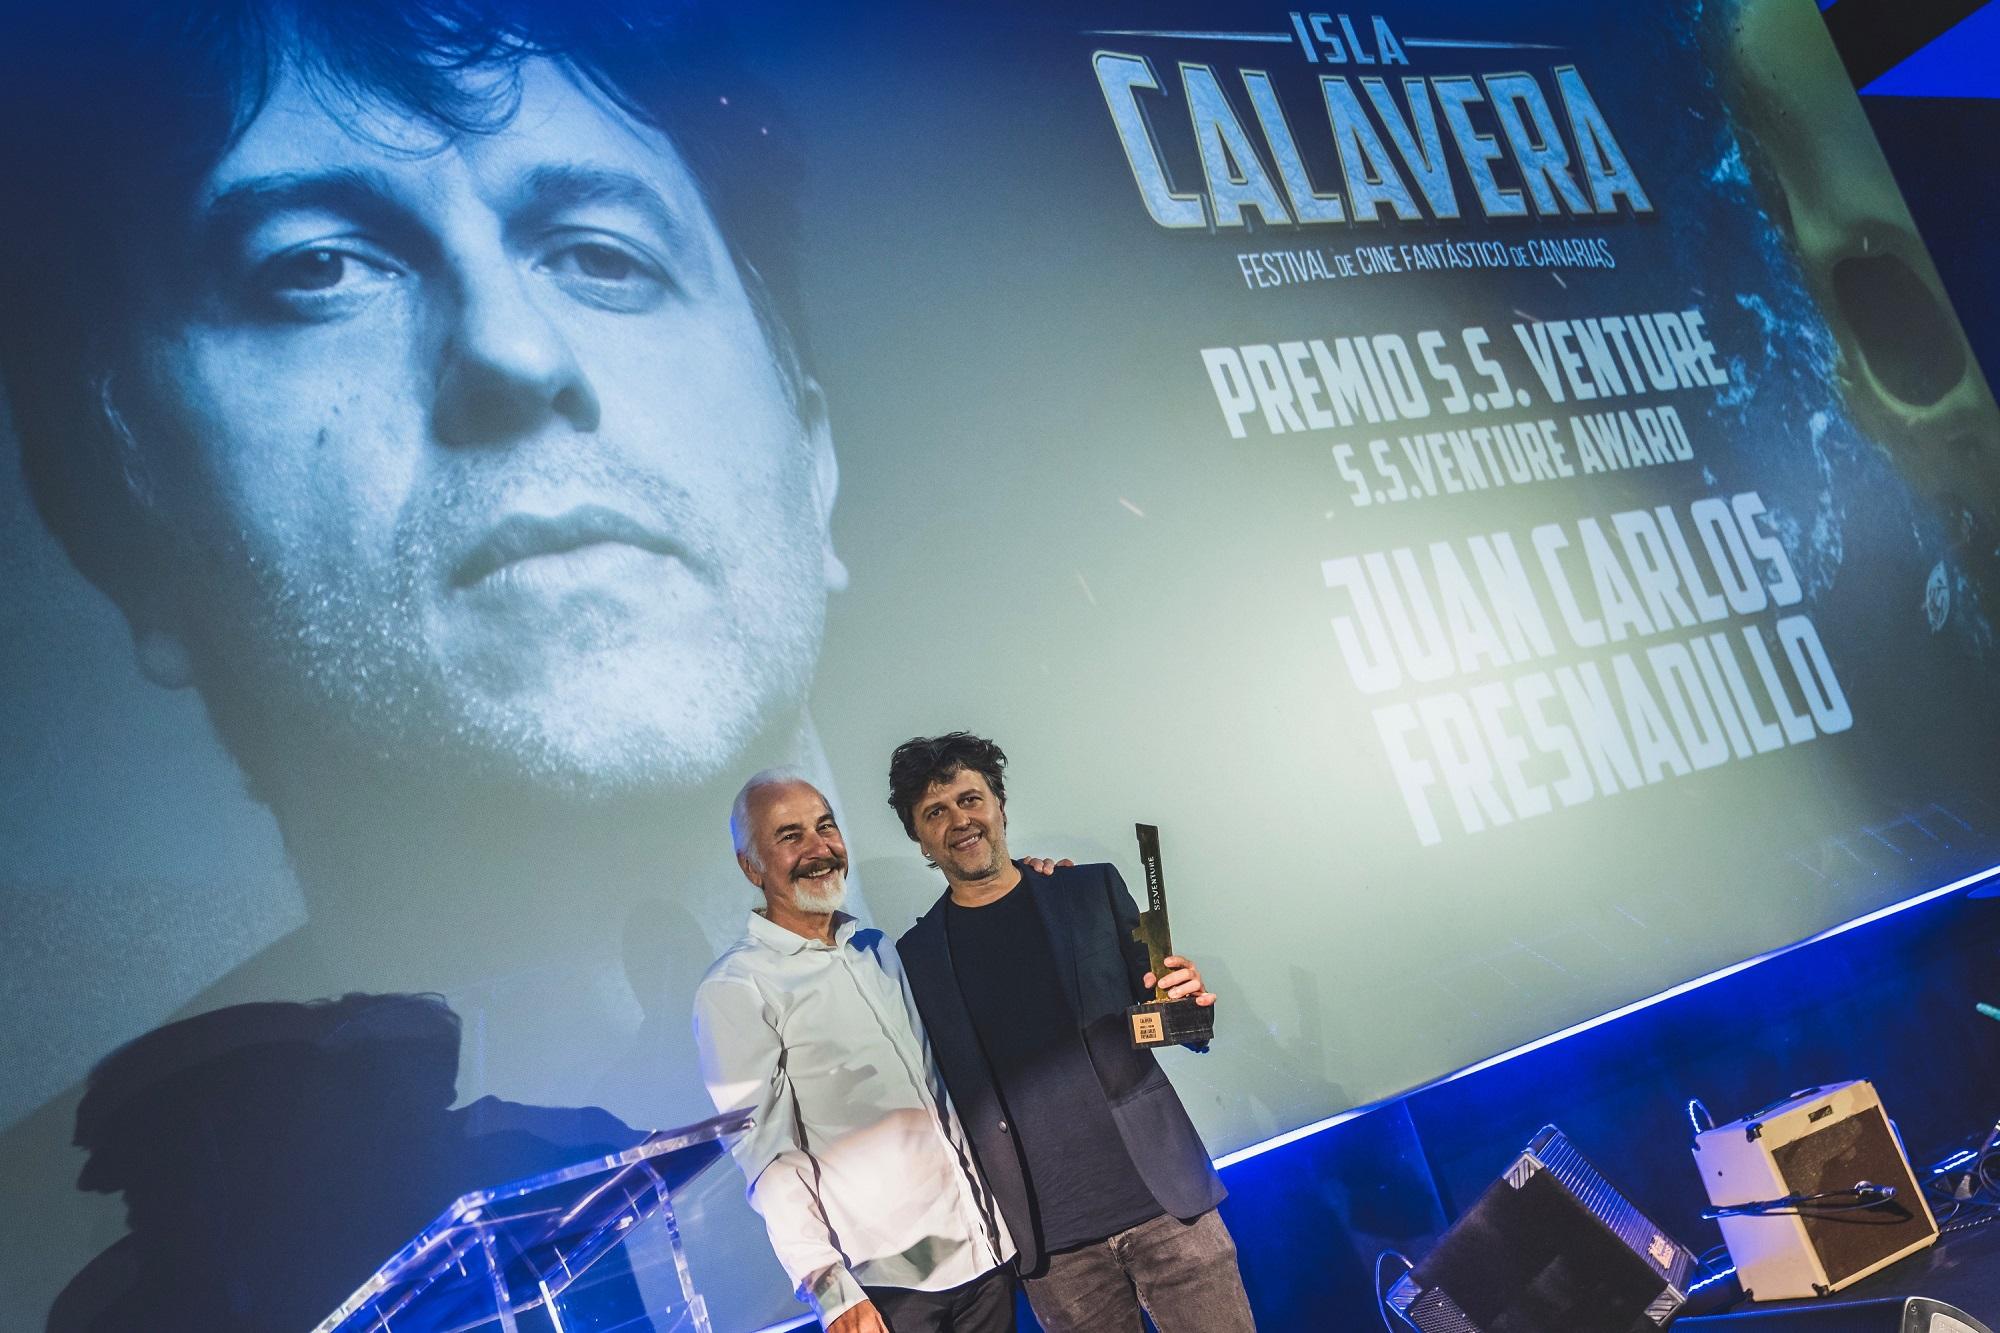 Juan Carlos Fresnadillo recoge el Premio Isla Calavera S. S. Venture 2019 de manos de Rick Baker.